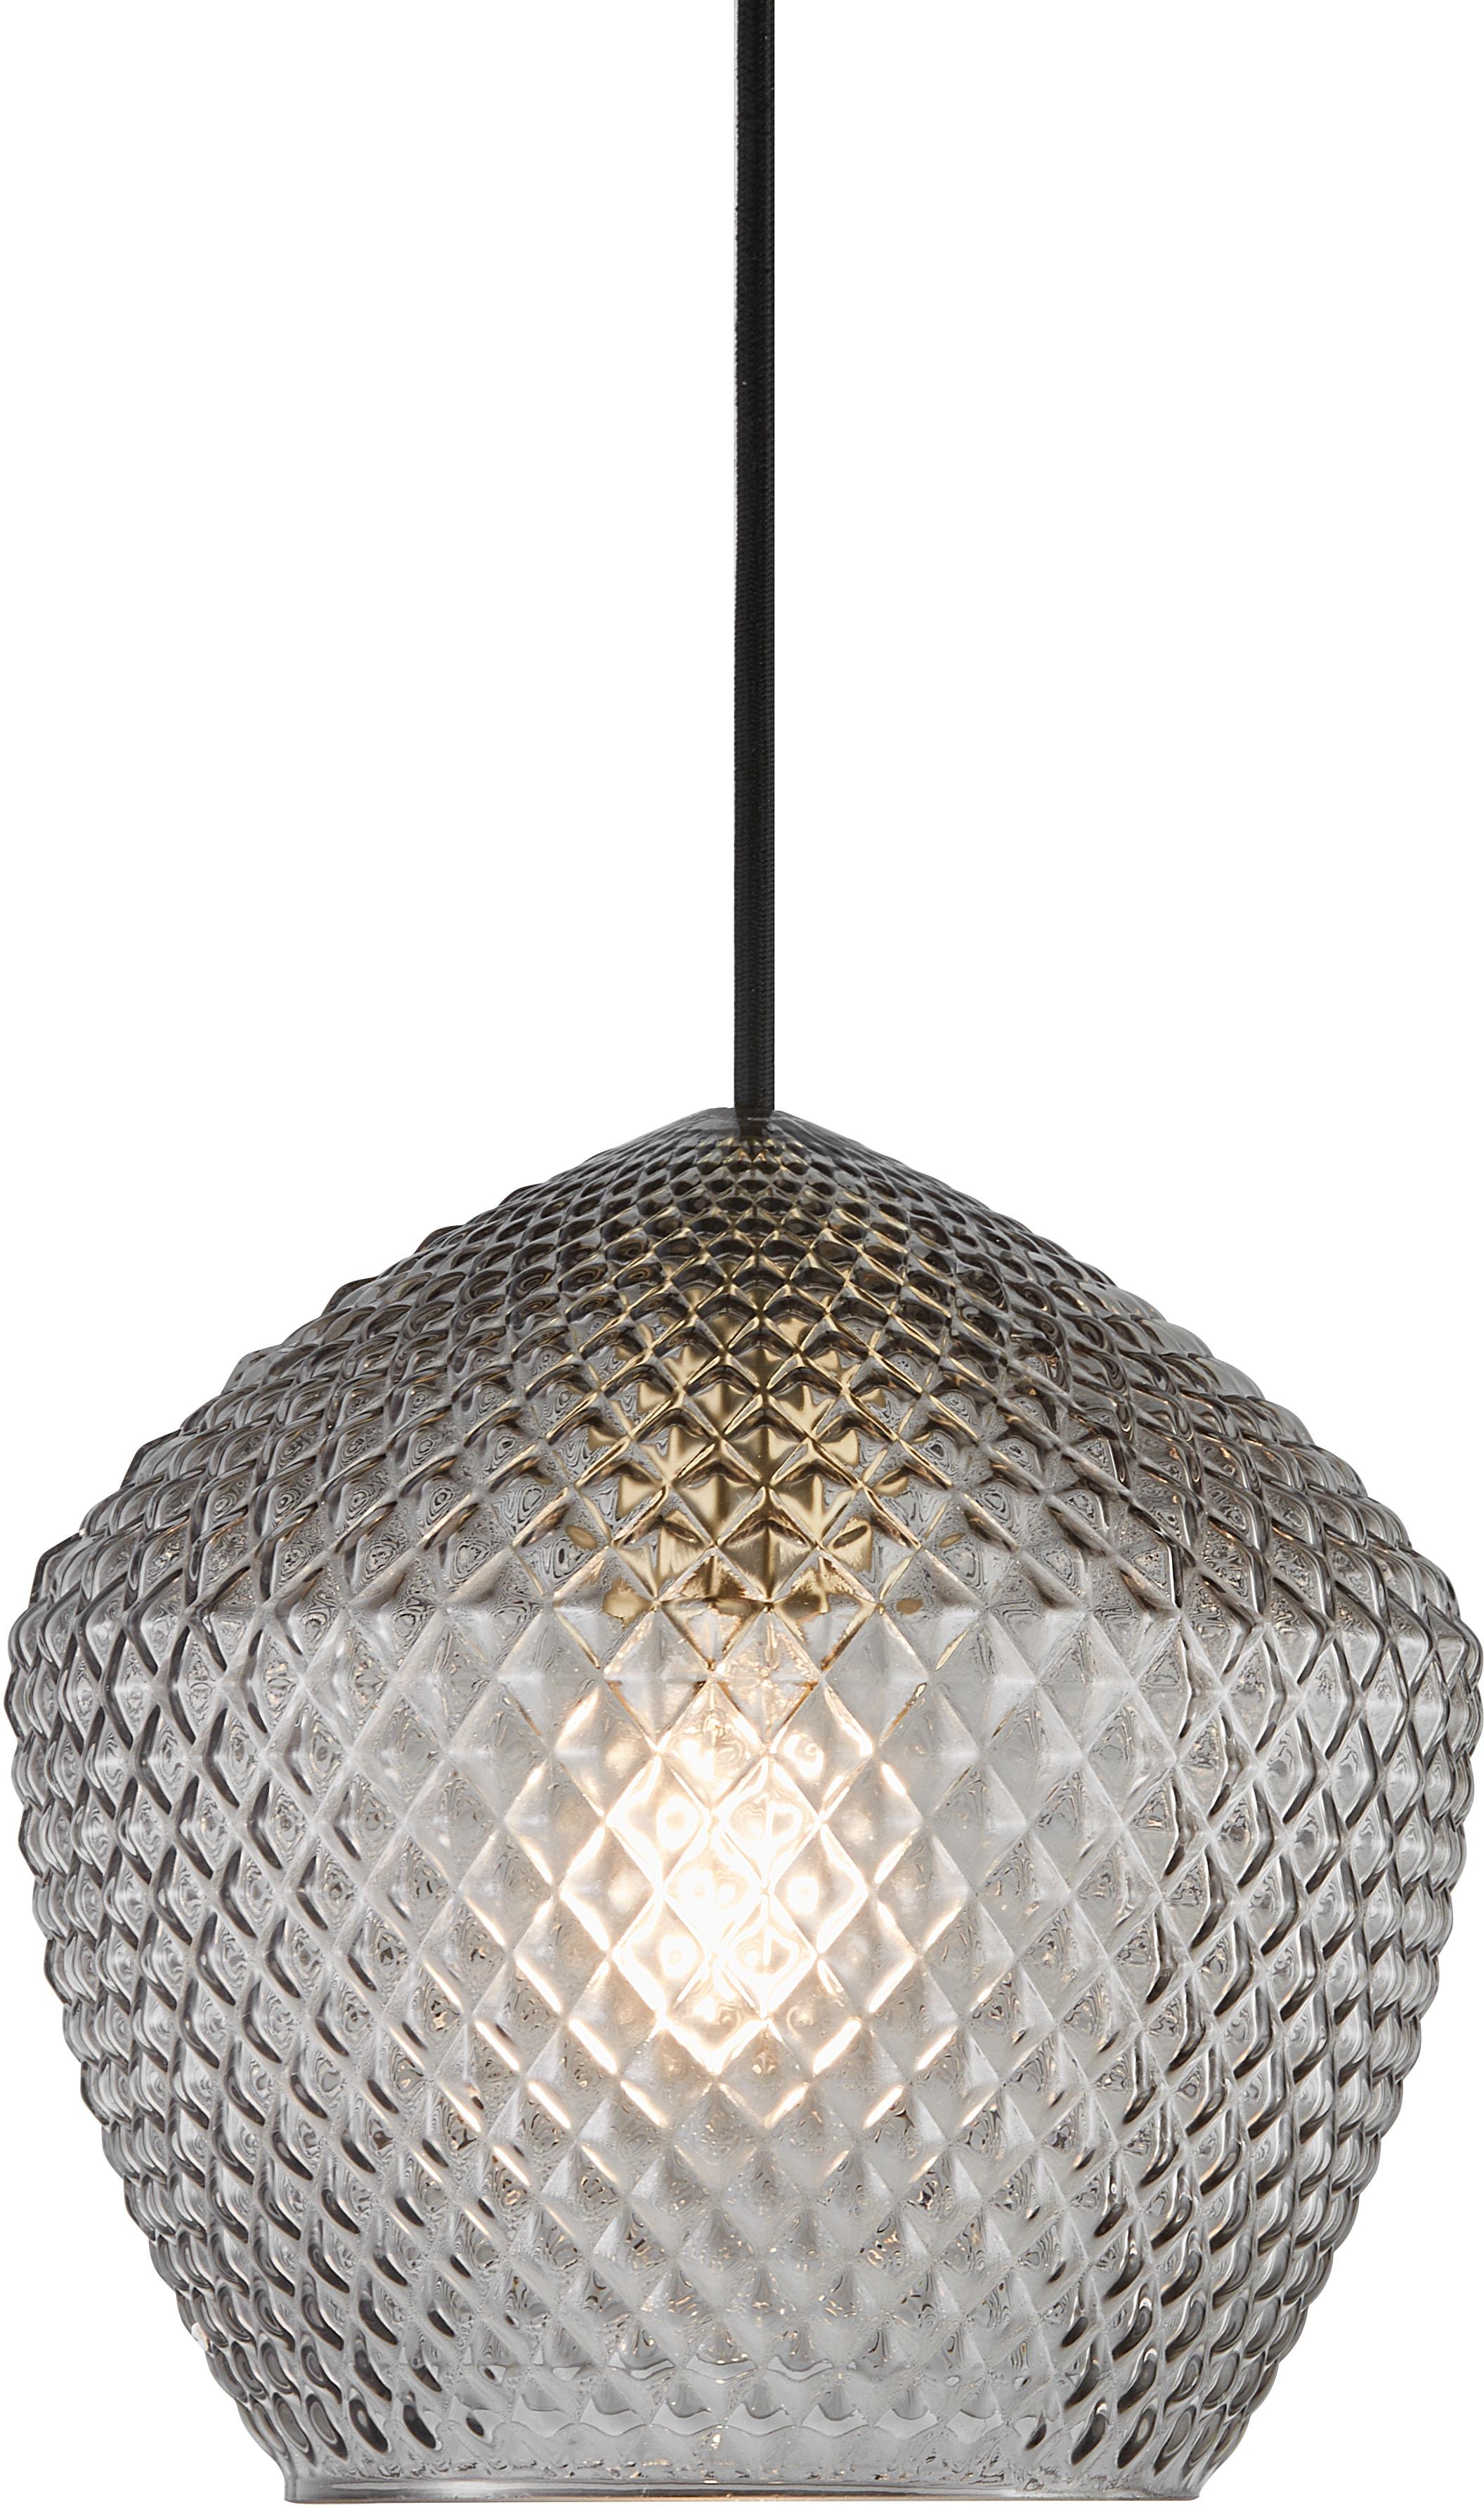 Nordlux Pendelleuchte ORBIFORM, E27, Hängeleuchte, Struktur Glas Schirm, Messing Applikation